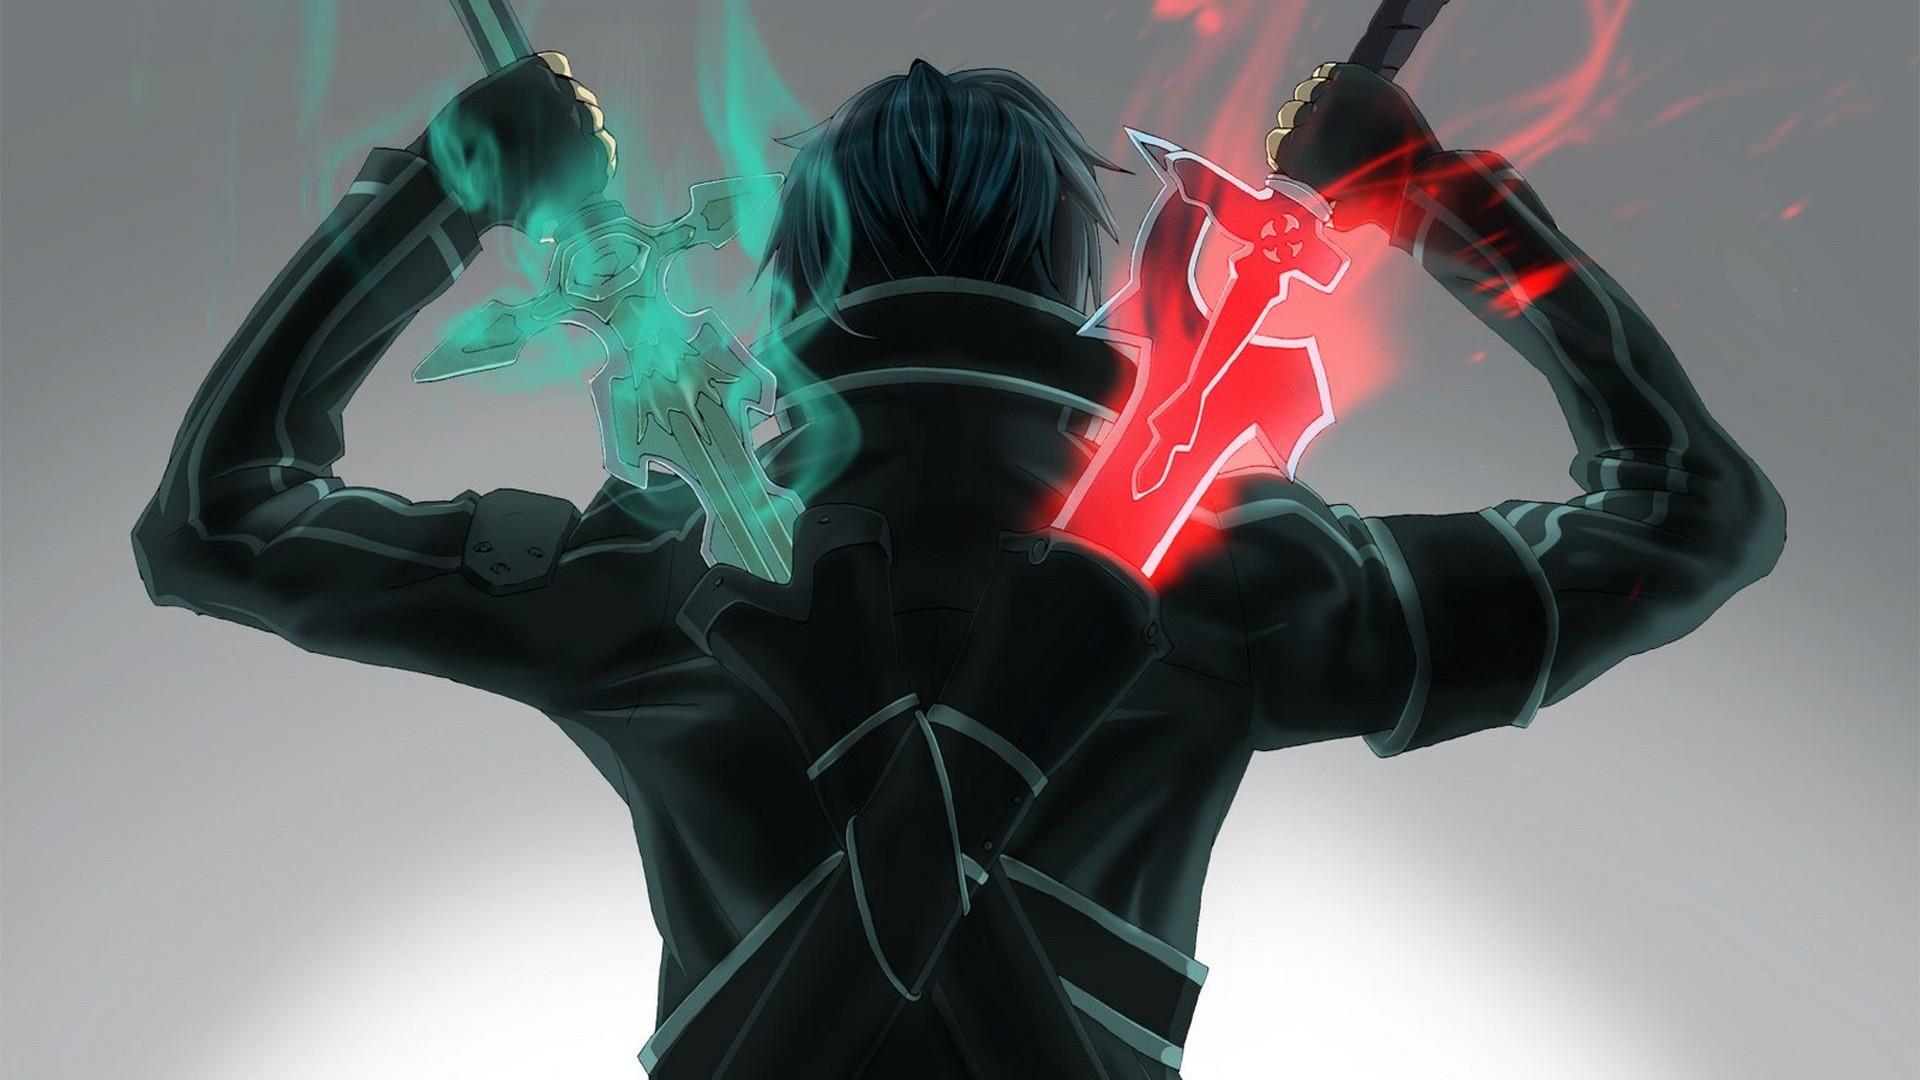 Sword Art Online wallpaper 41